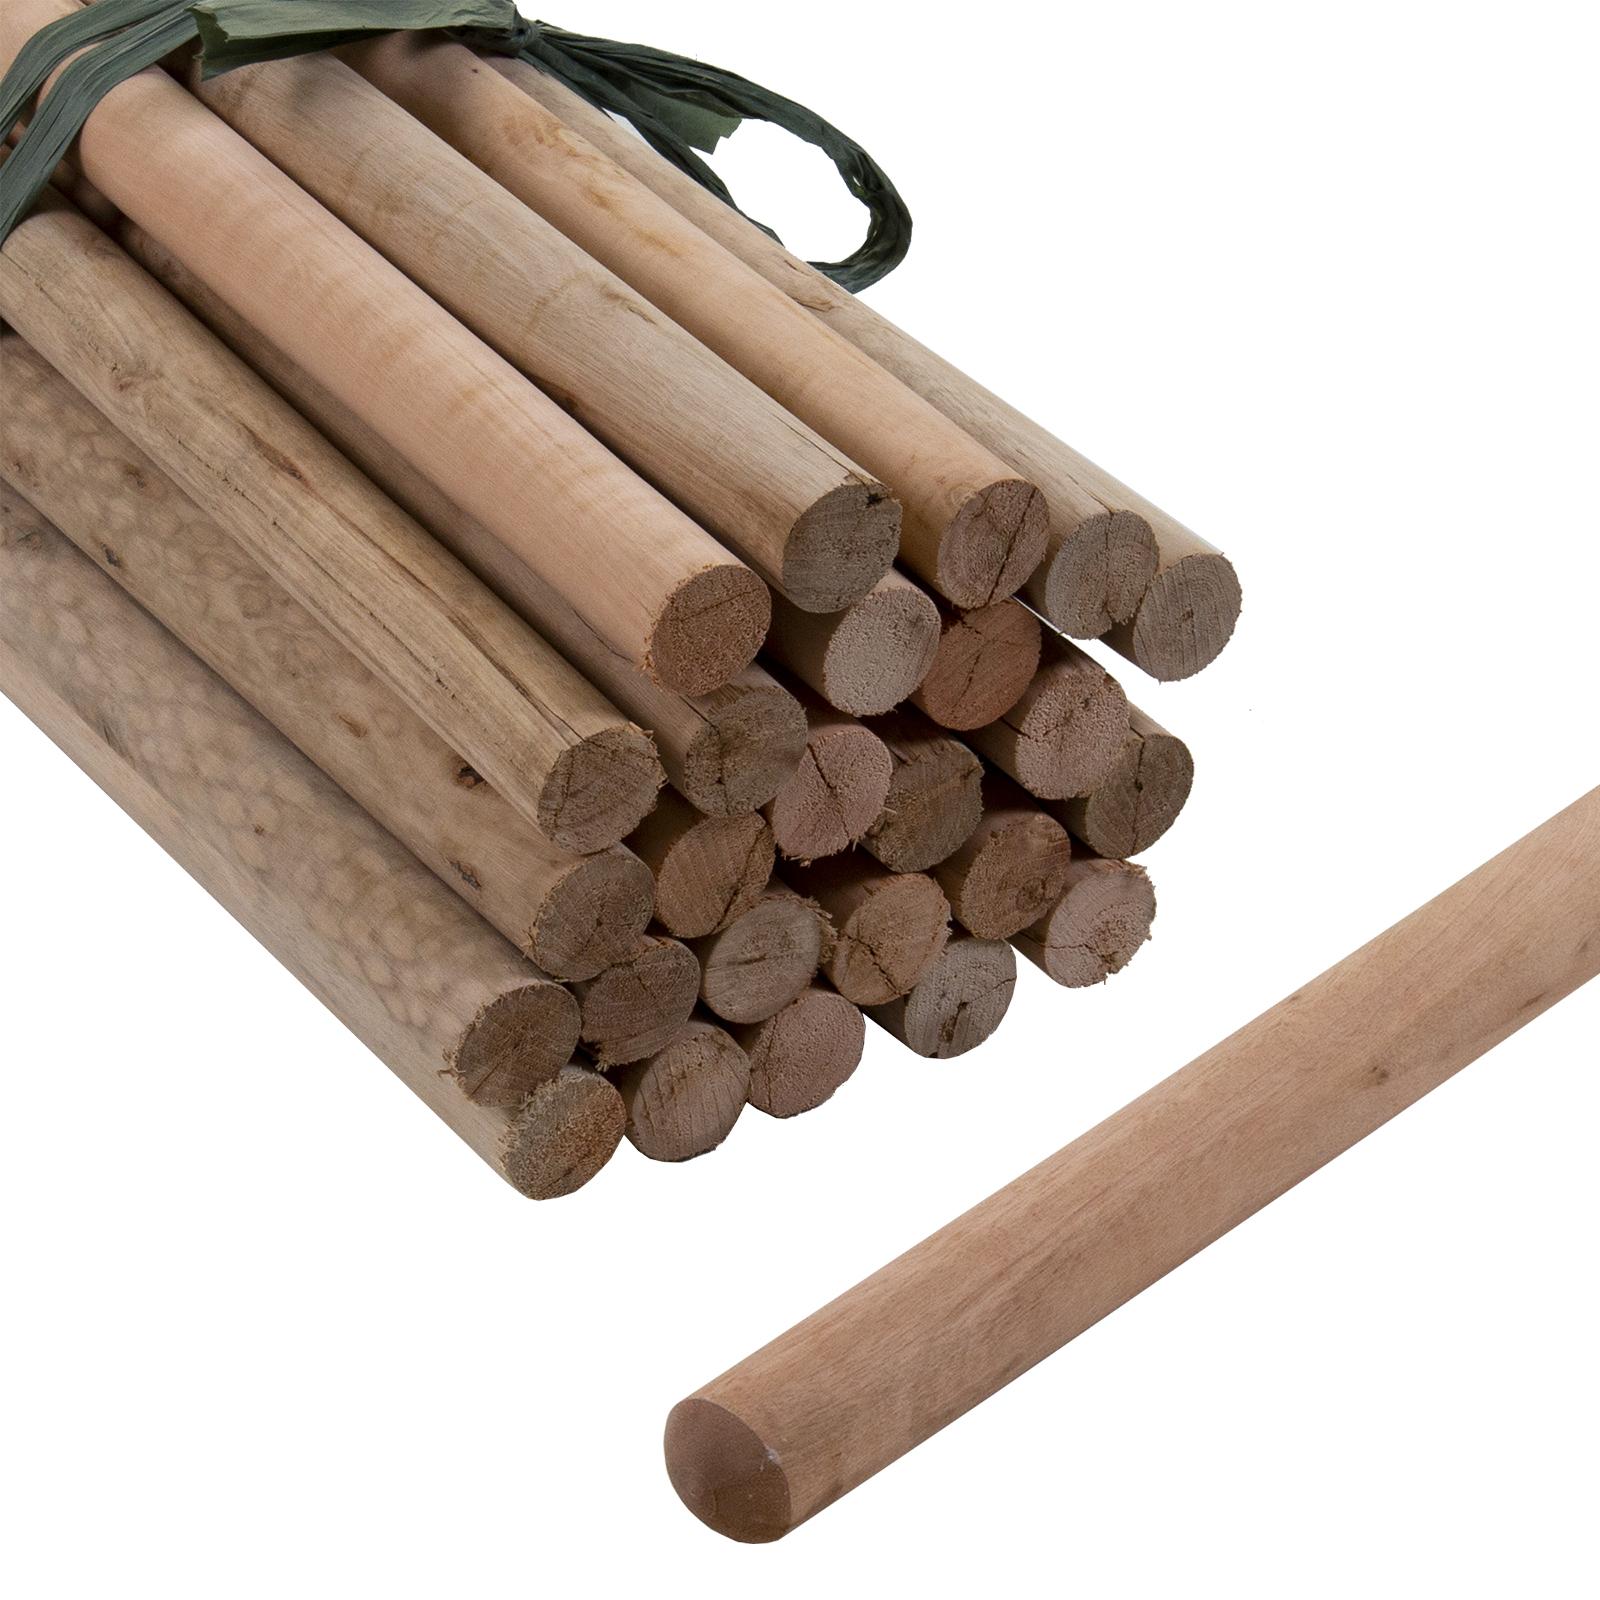 45 Broom Handles 1.2 Meter Long 22mm Thick For Brush Snow Shovel Etc